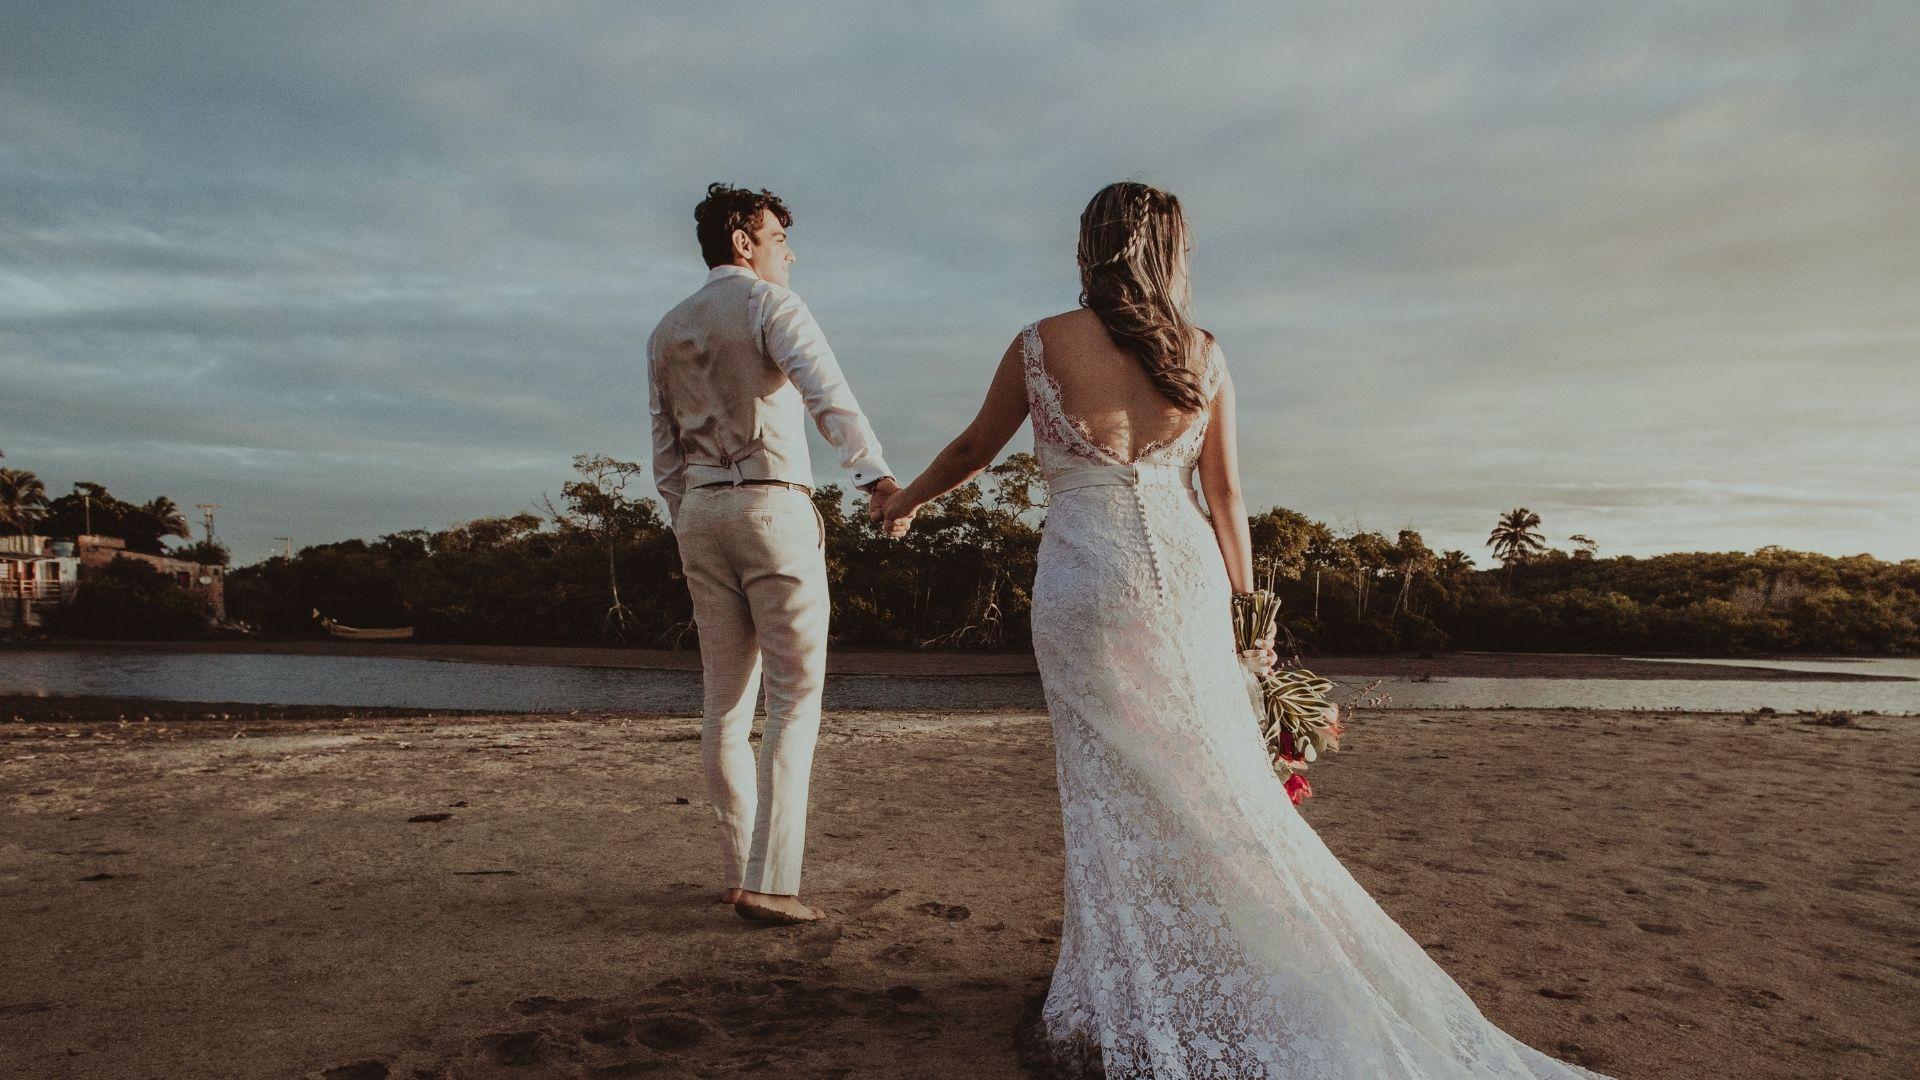 Les mariés marchent main dans la main sur une plage du Finistère